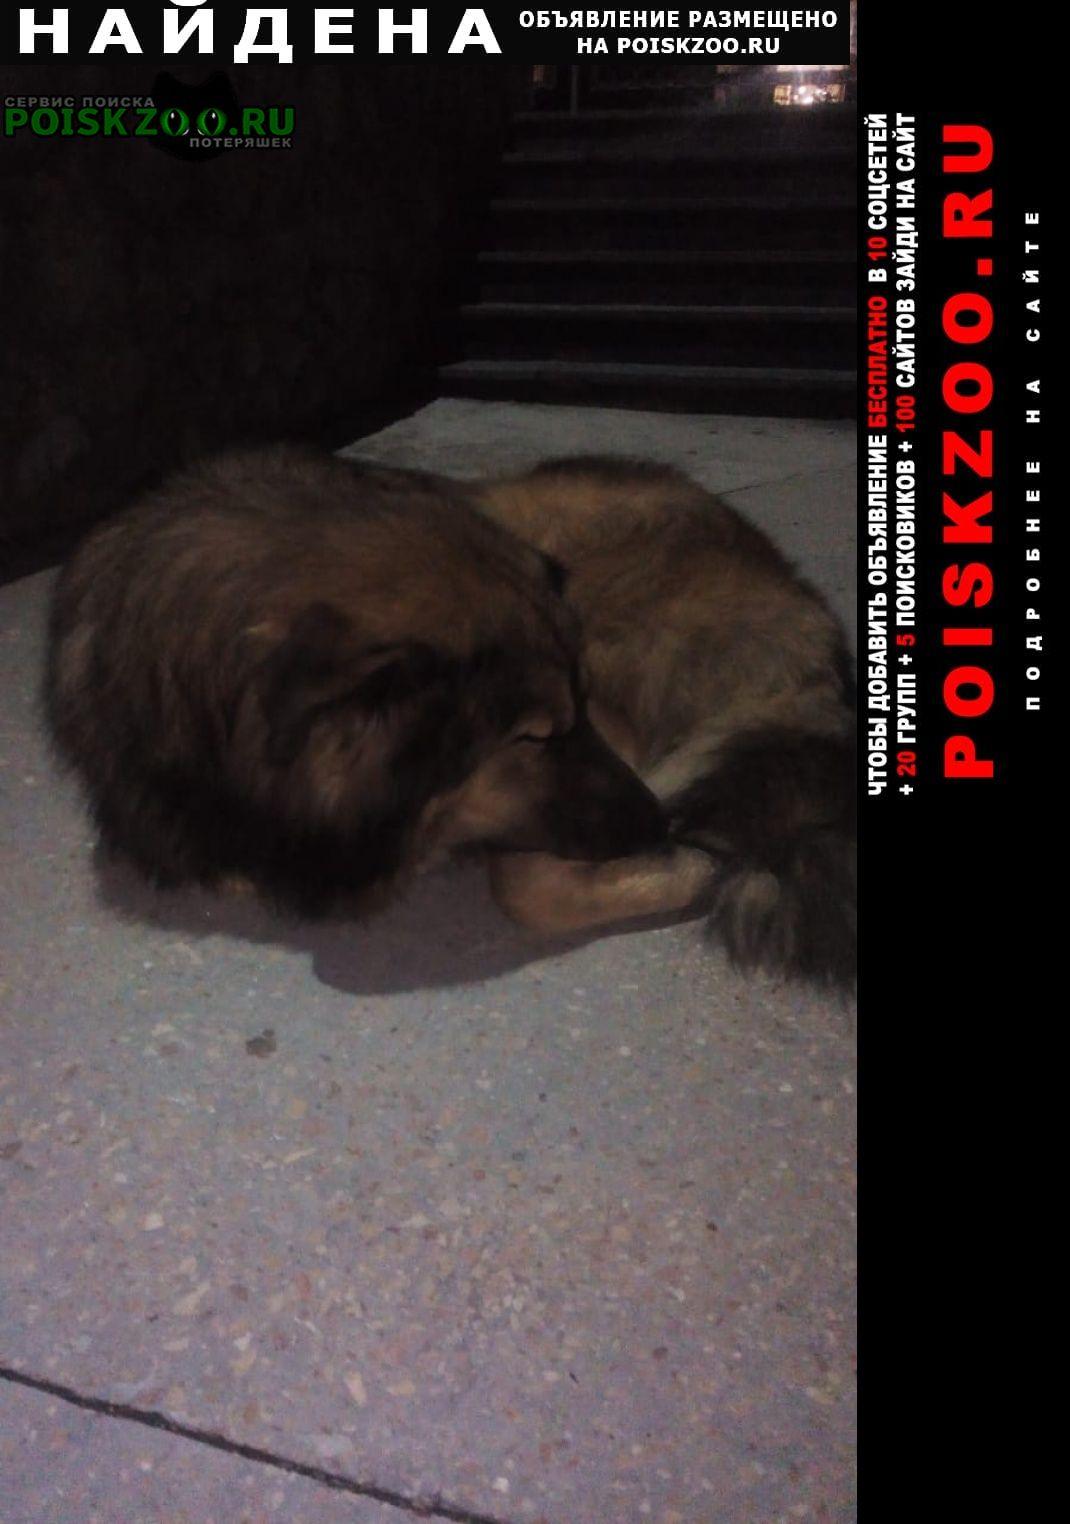 Найдена собака кобель похож на леонбергера Севастополь